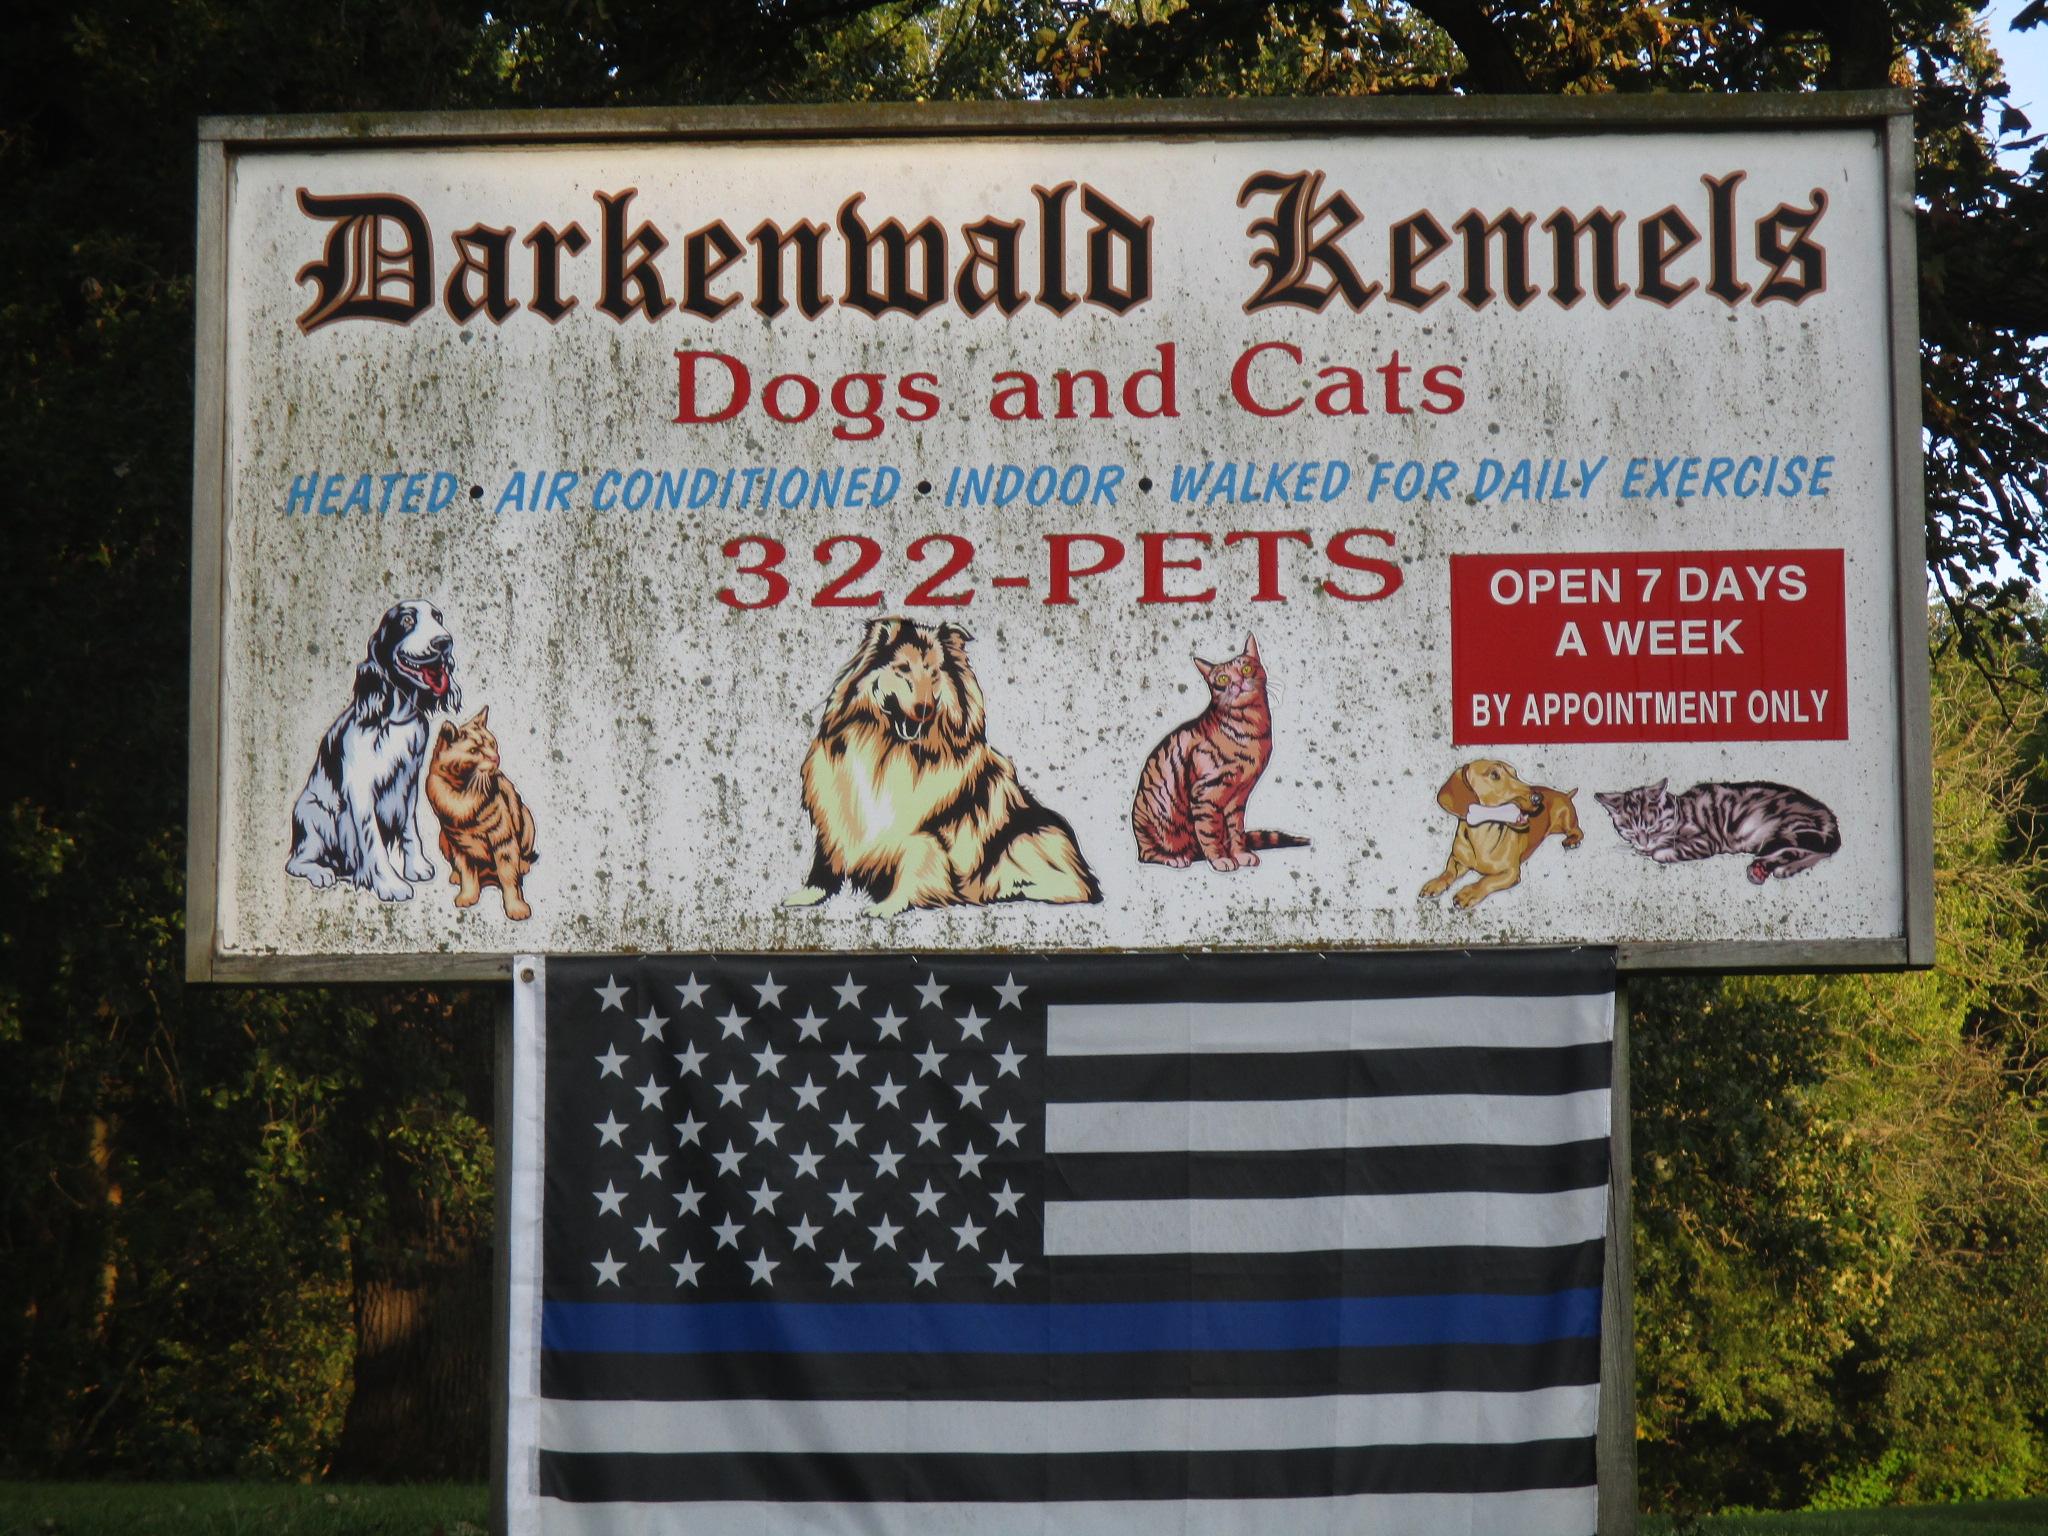 Darkenwald Kennels image 1